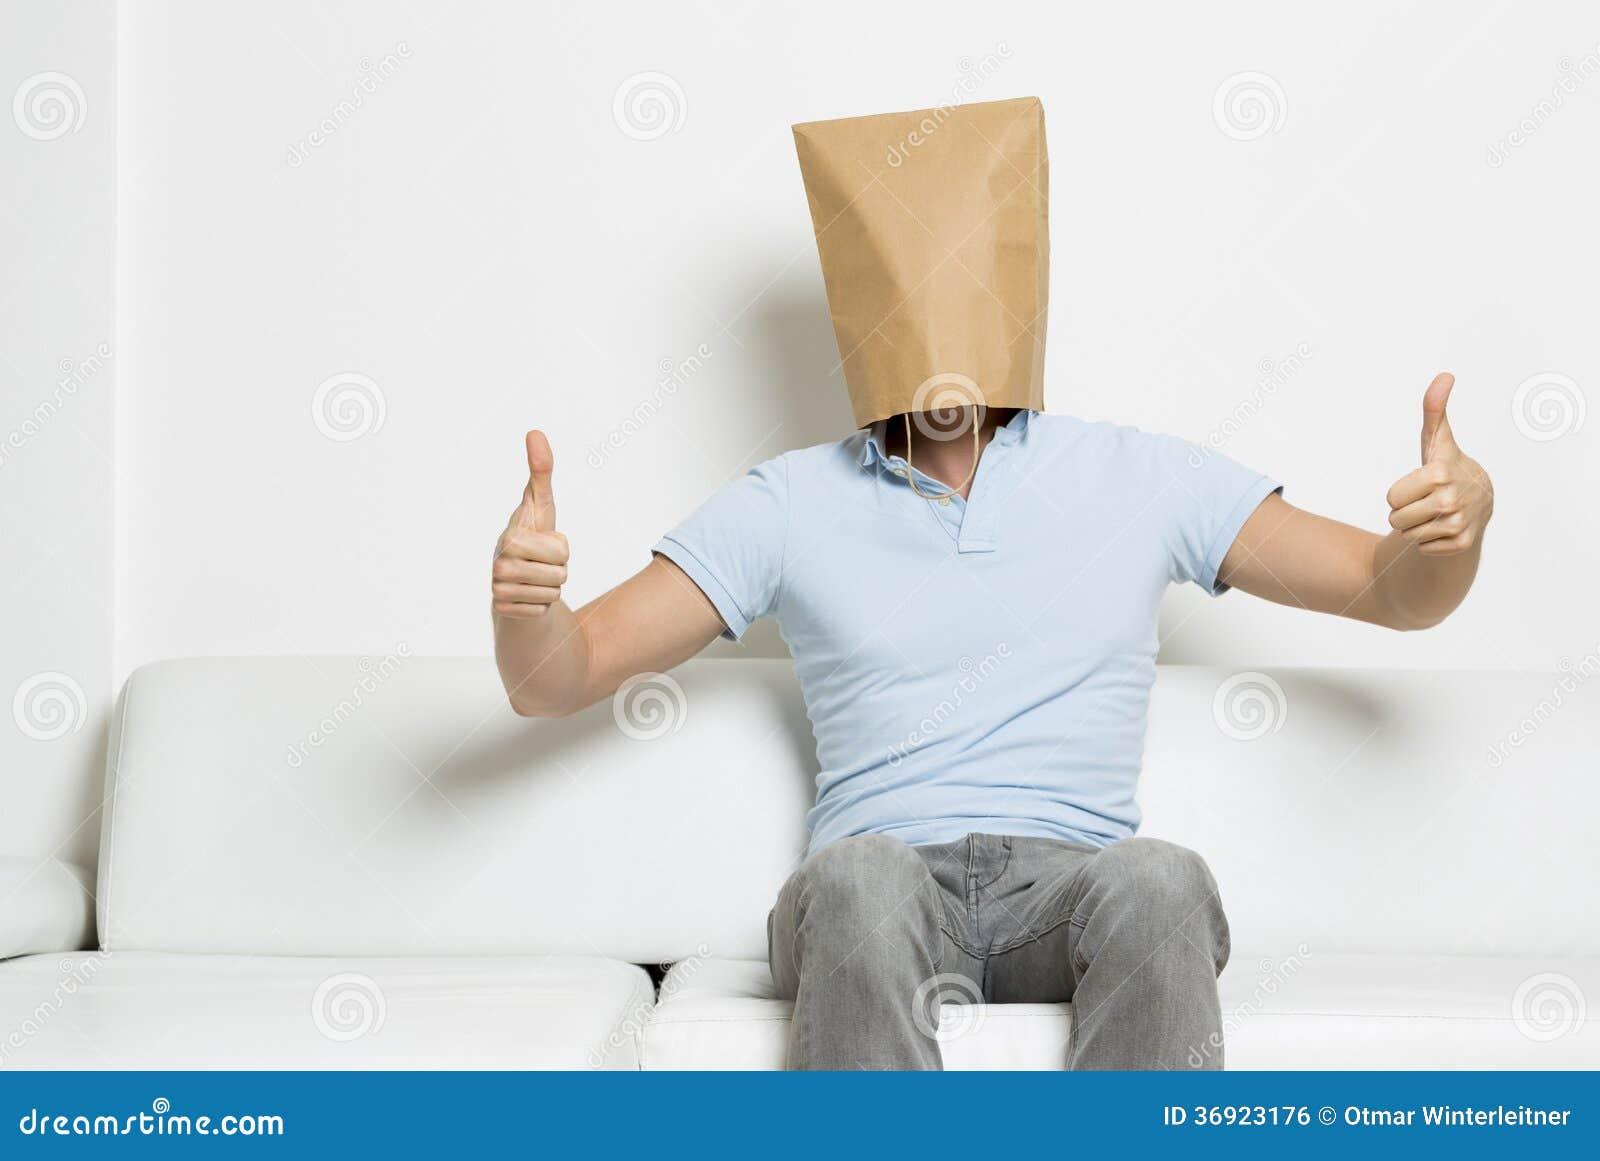 Resultado de imagem para cabeça coberta